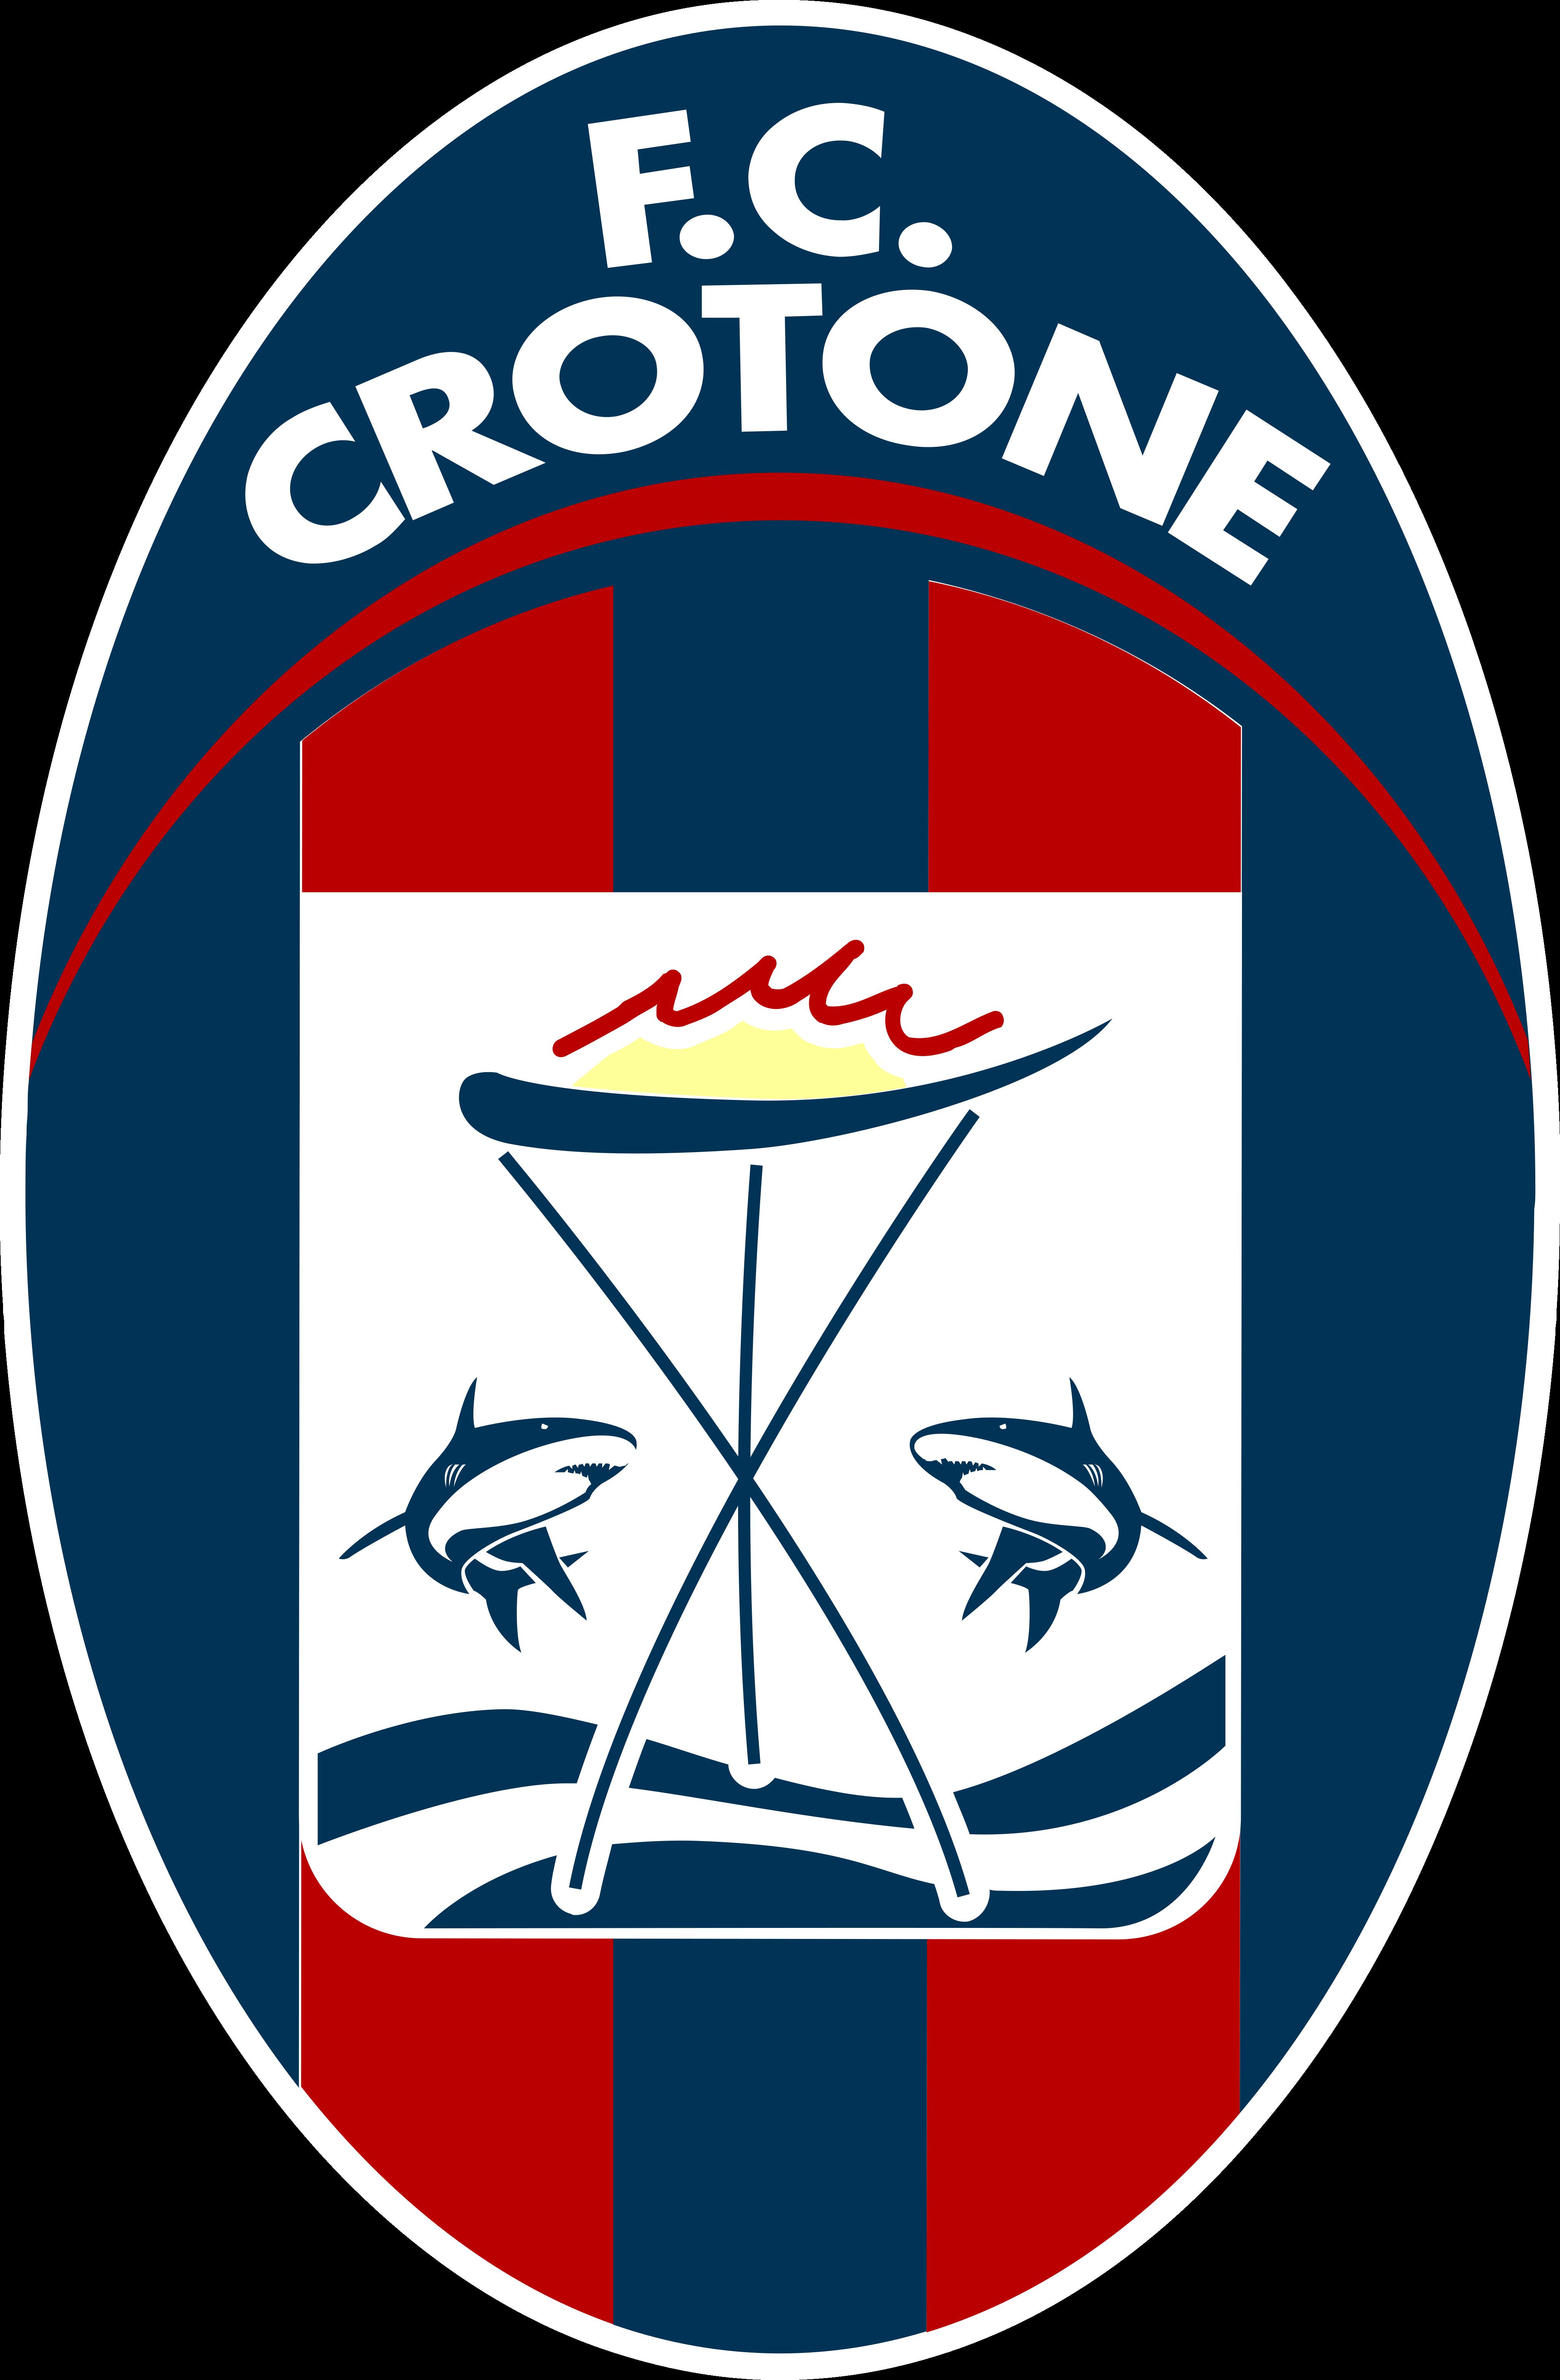 fc crotone logo - FC Crotone Logo